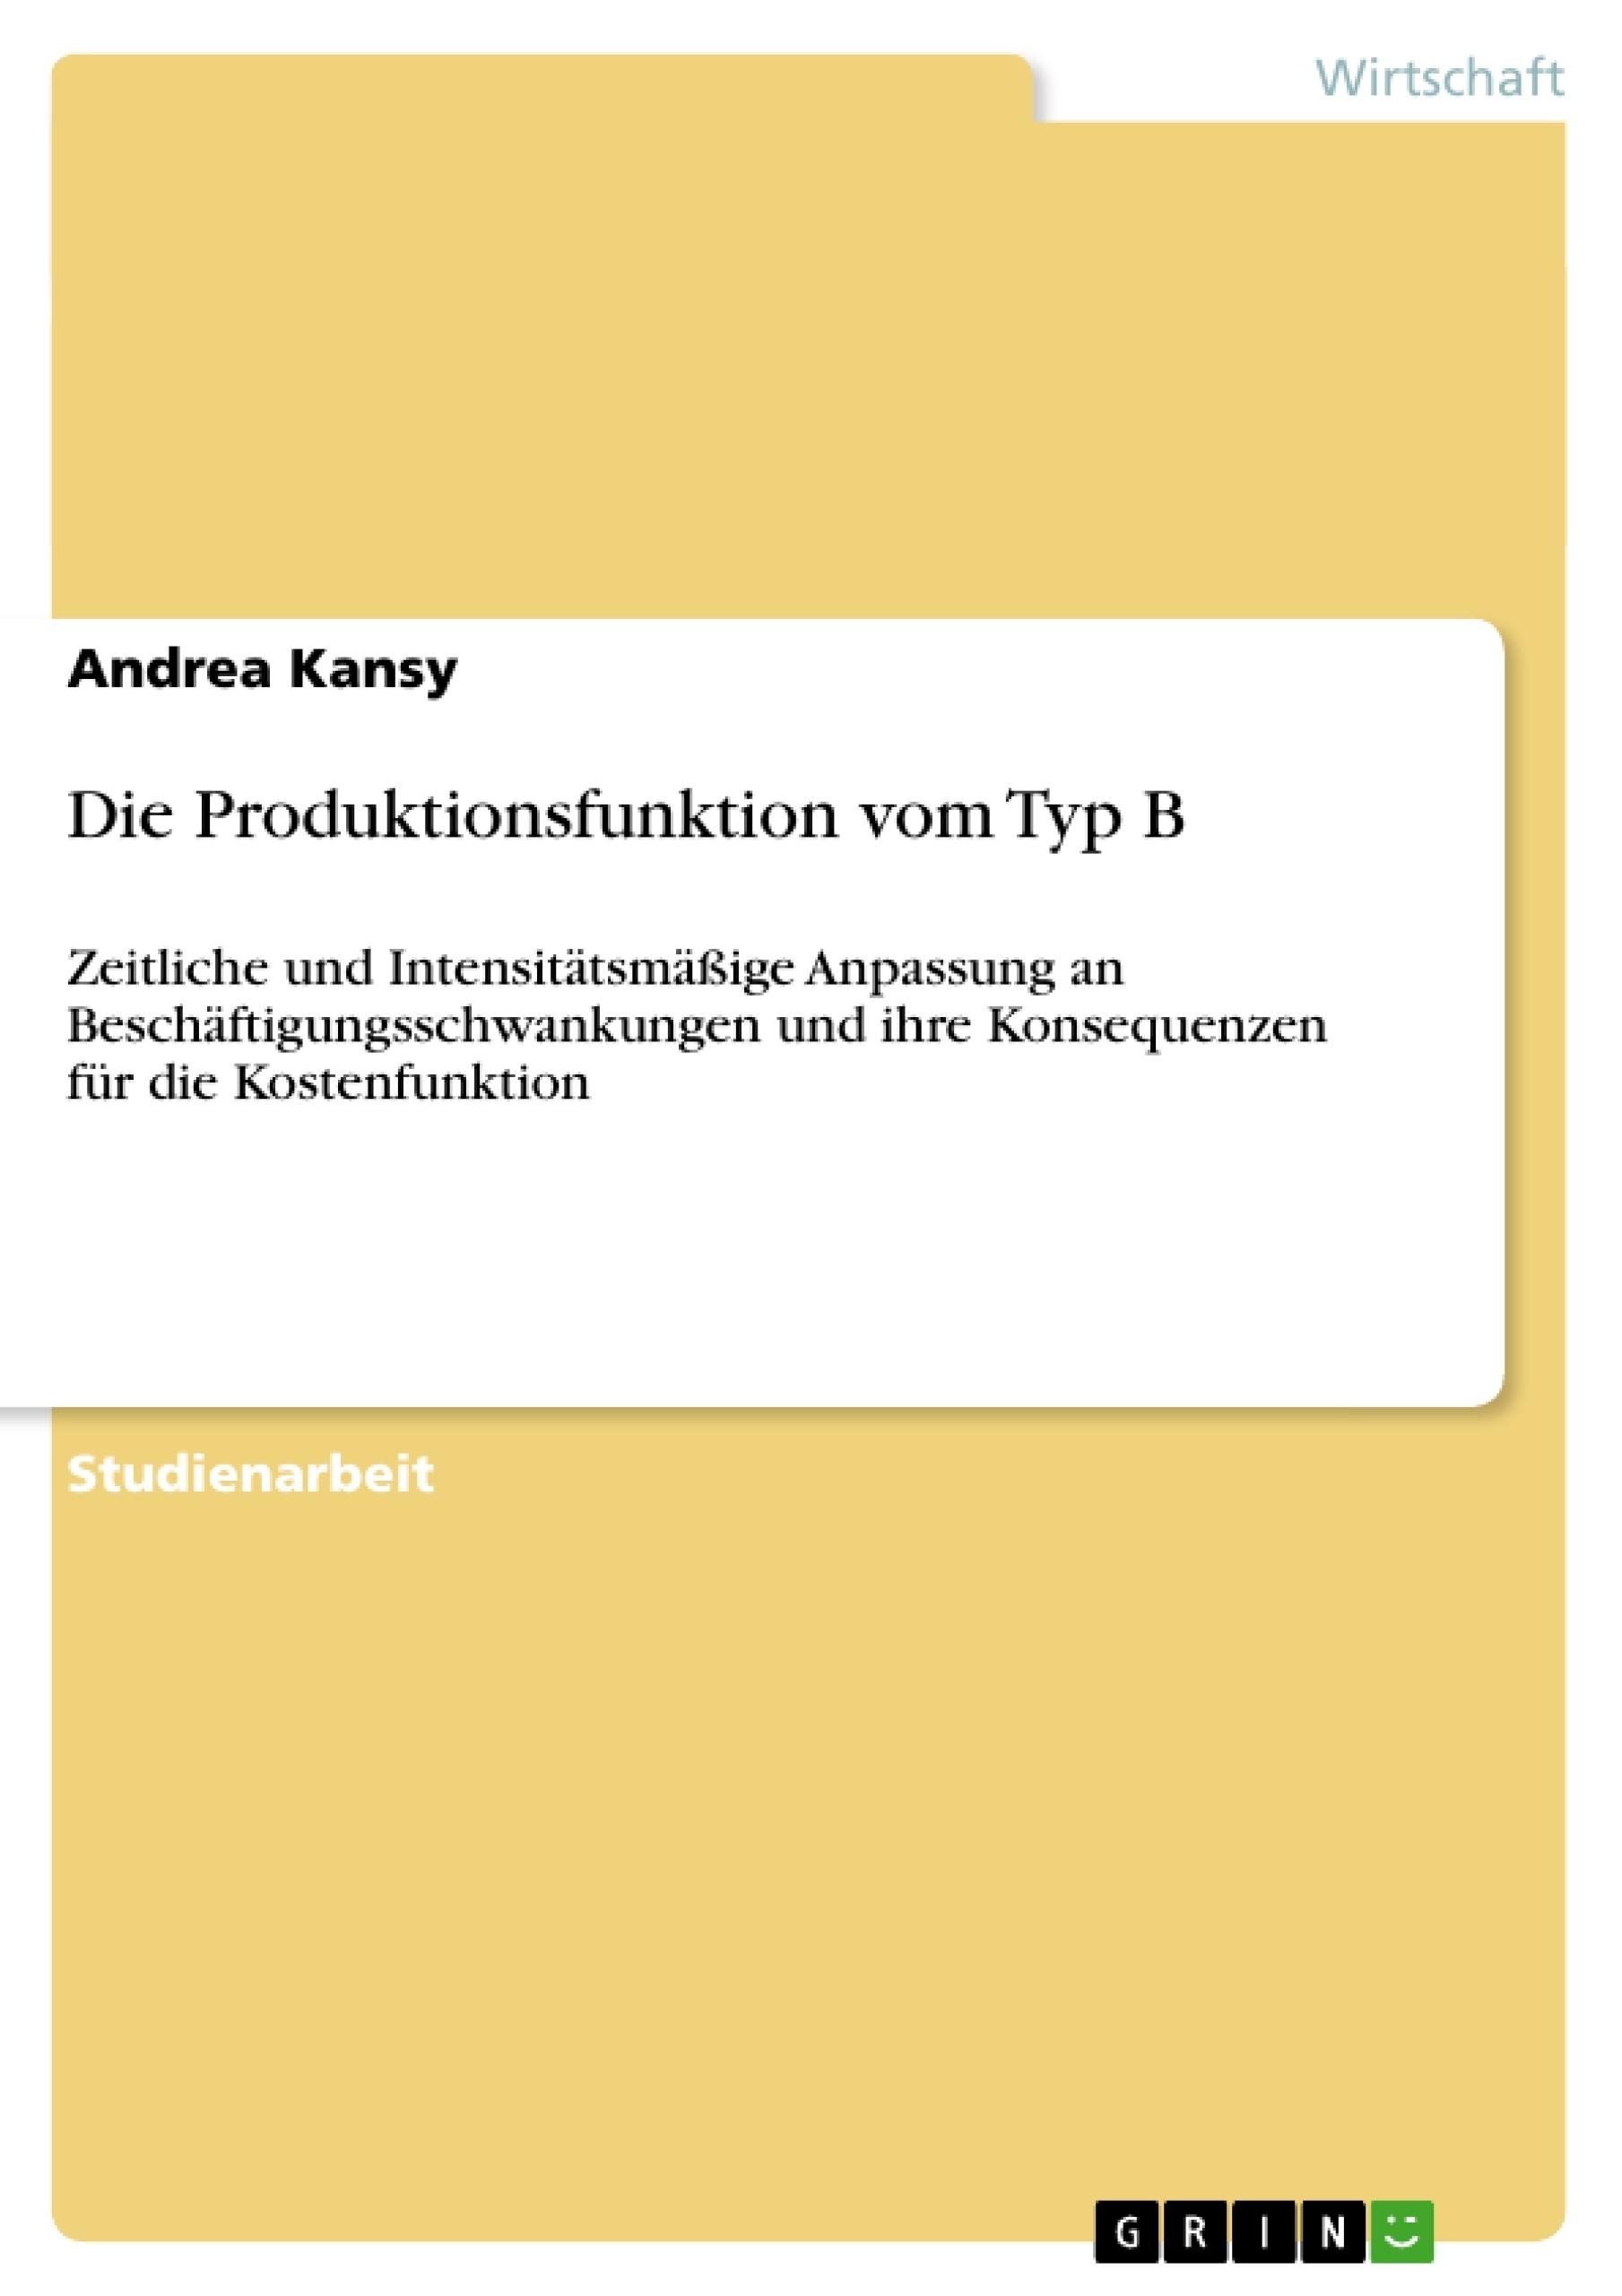 Titel: Die Produktionsfunktion vom Typ B